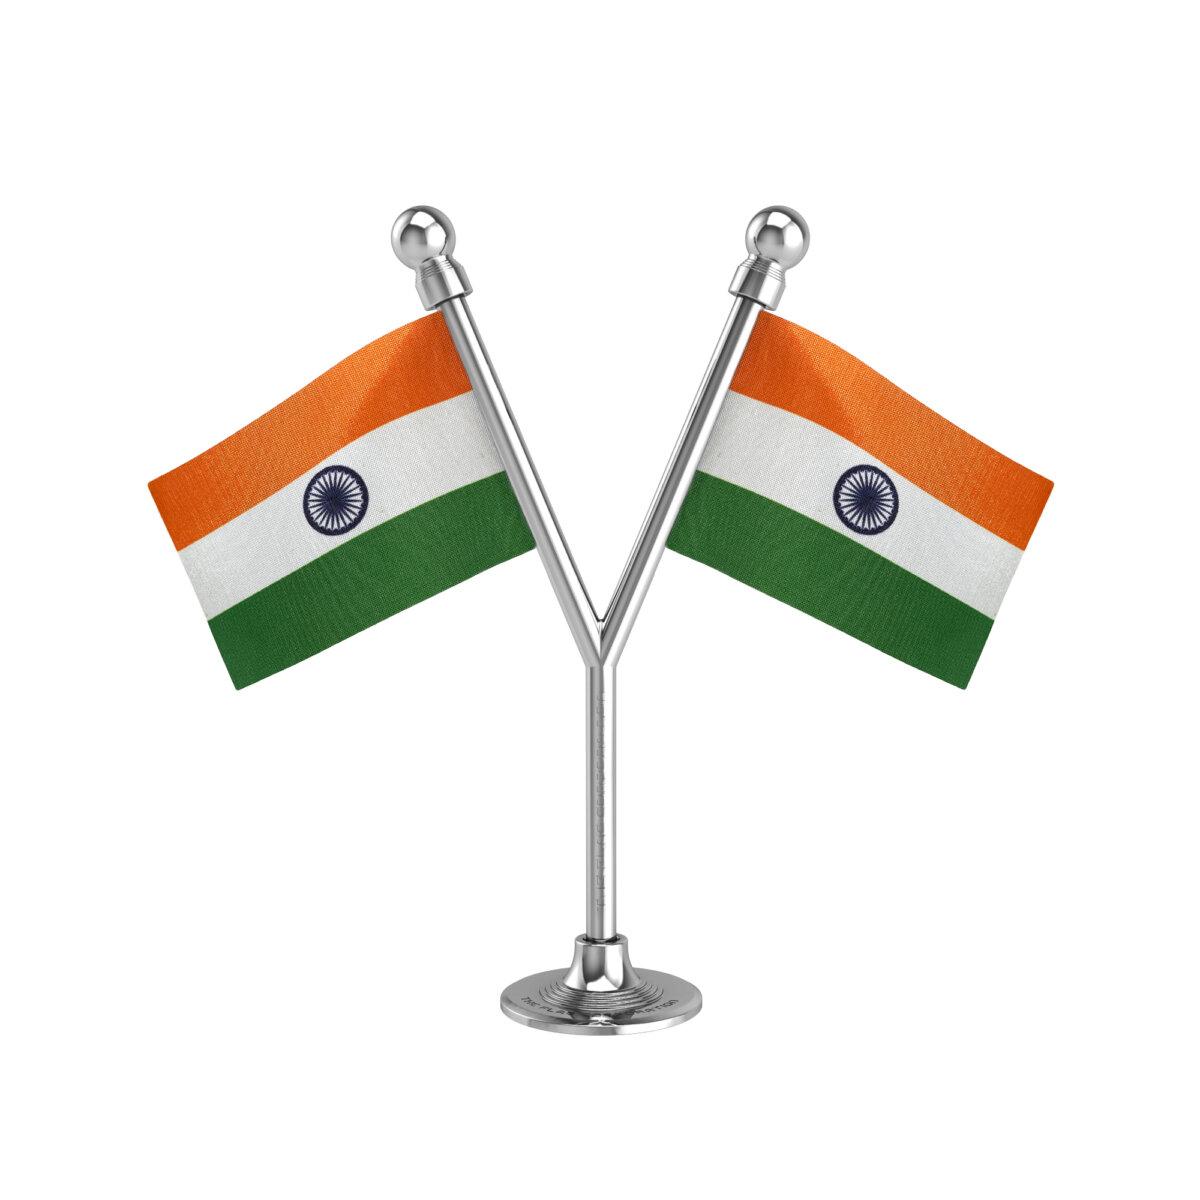 Dual Indian Car Dashboard Flags With A Plastic Liquid Chrome Base